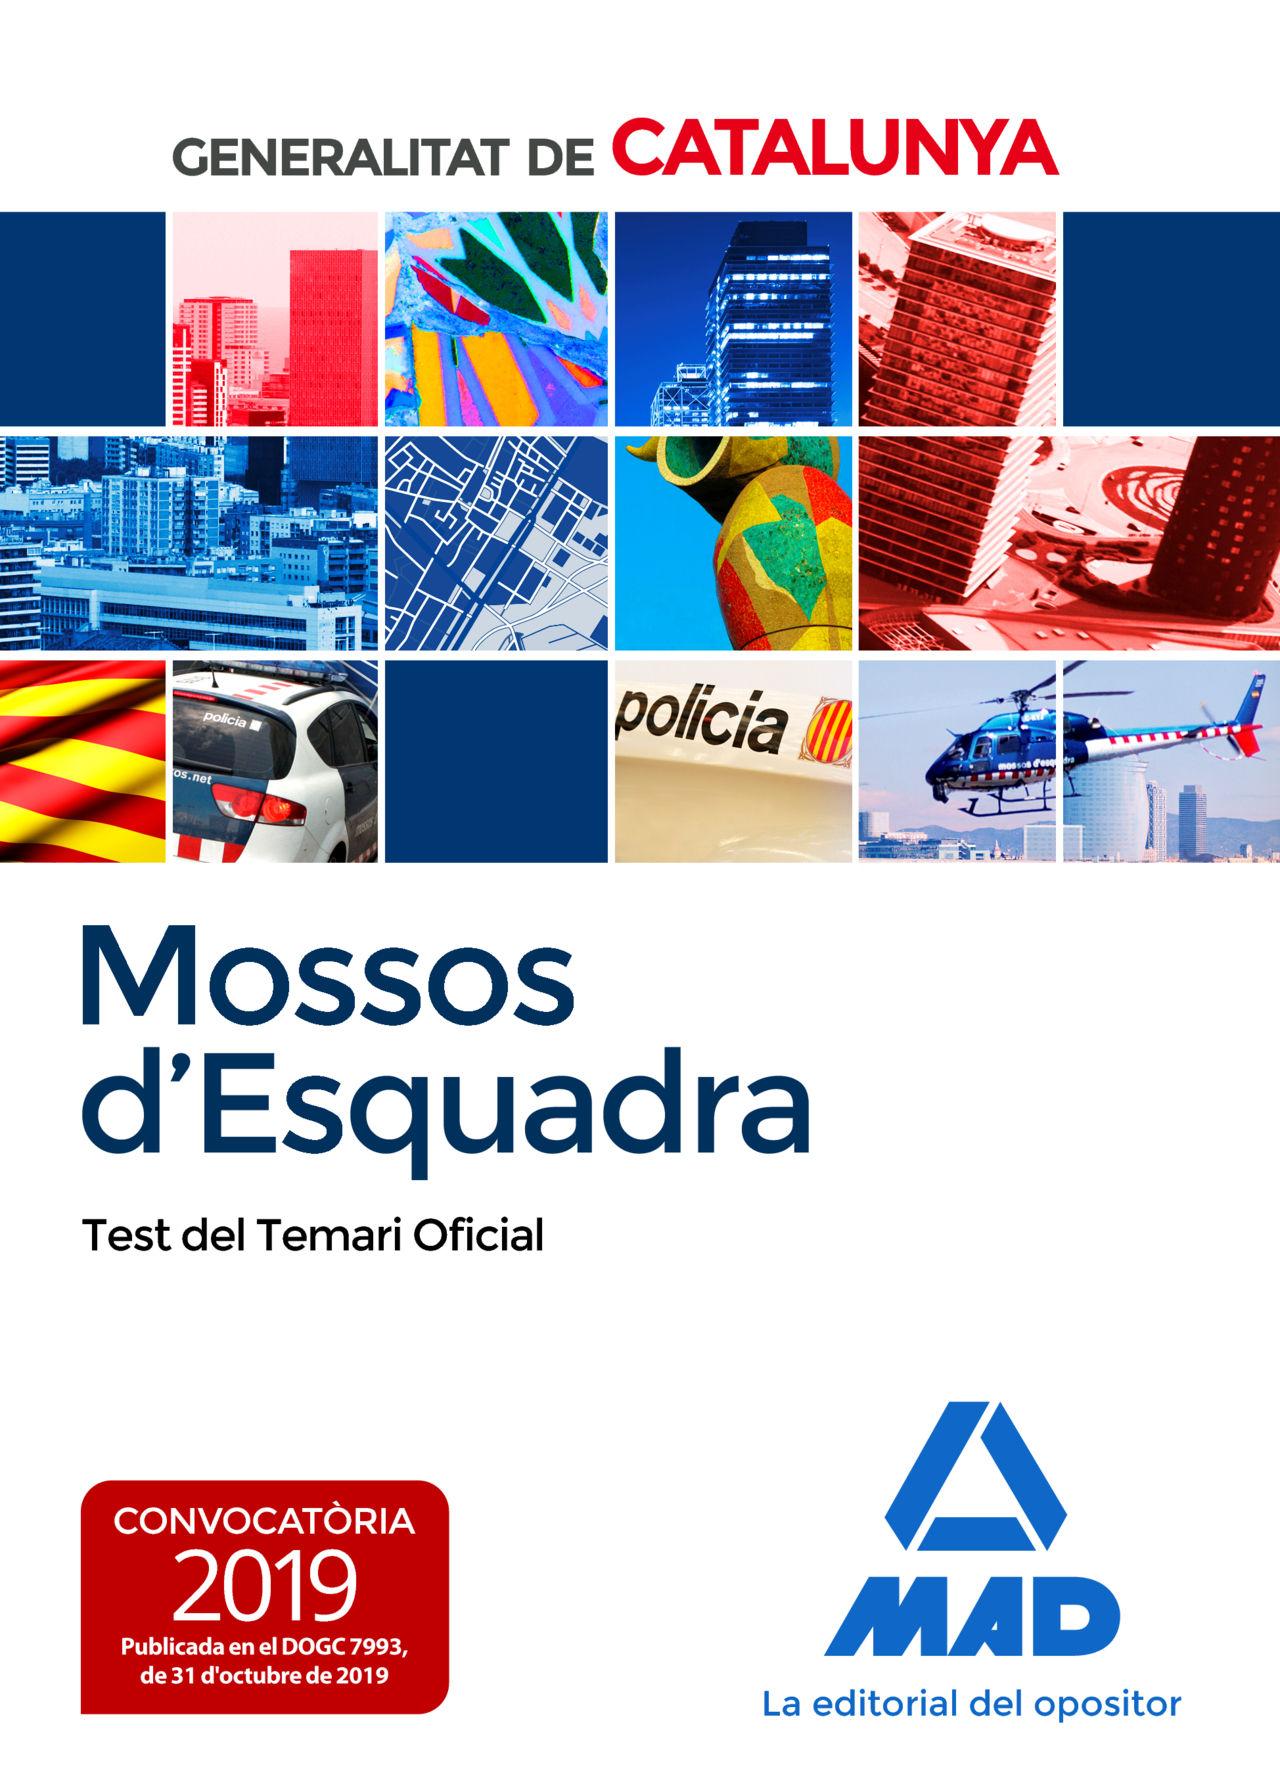 MOSSOS D`ESQUADRA TEST DEL TEMARI OFICIAL